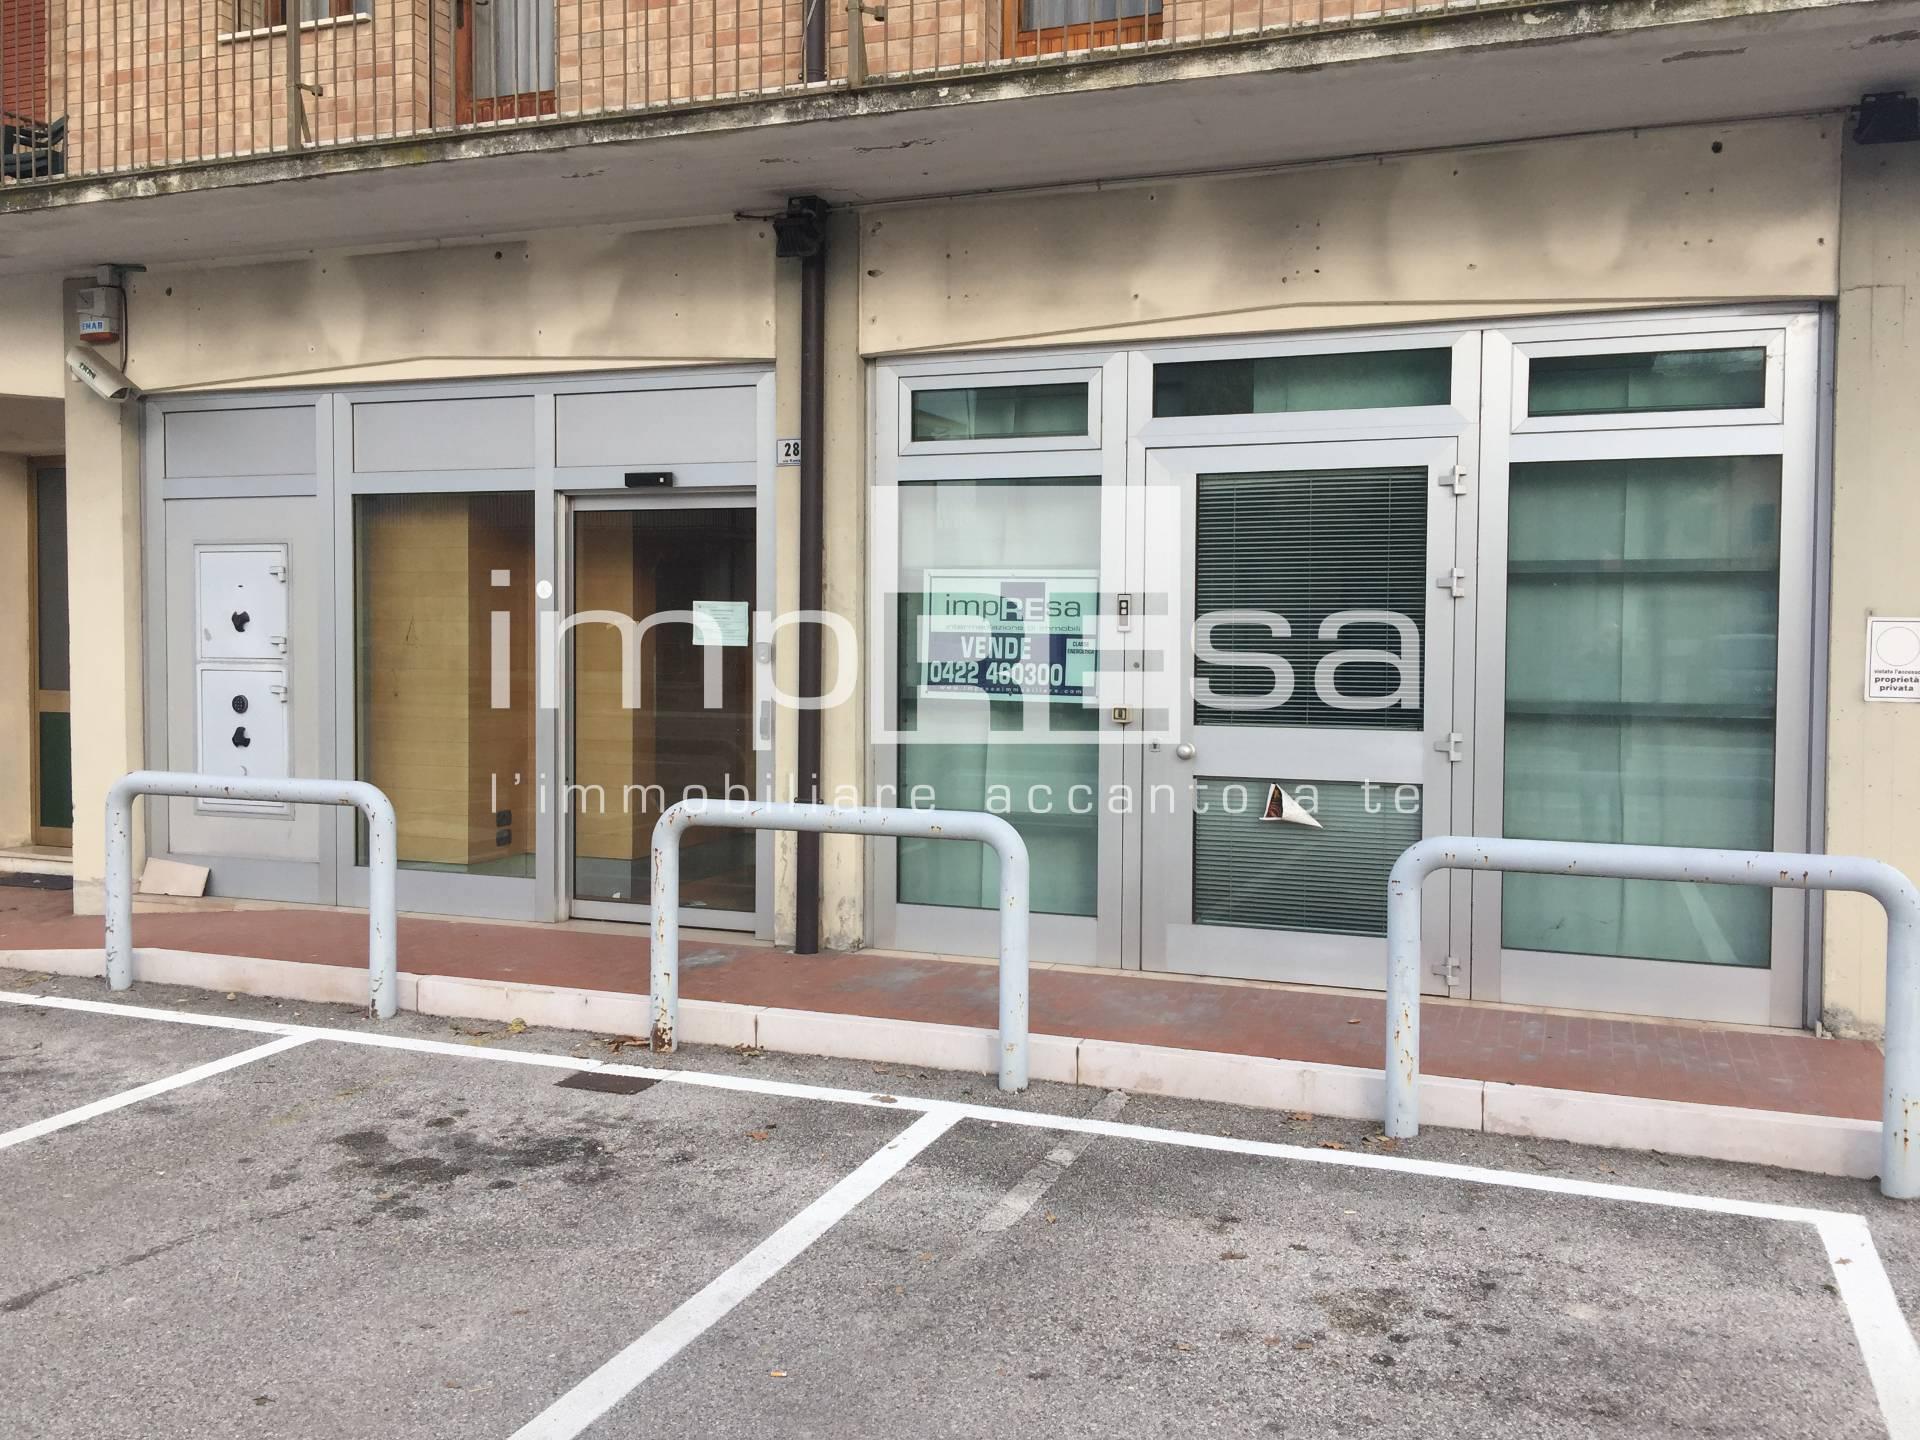 Ufficio / Studio in vendita a San Polo di Piave, 9999 locali, prezzo € 220.000 | CambioCasa.it